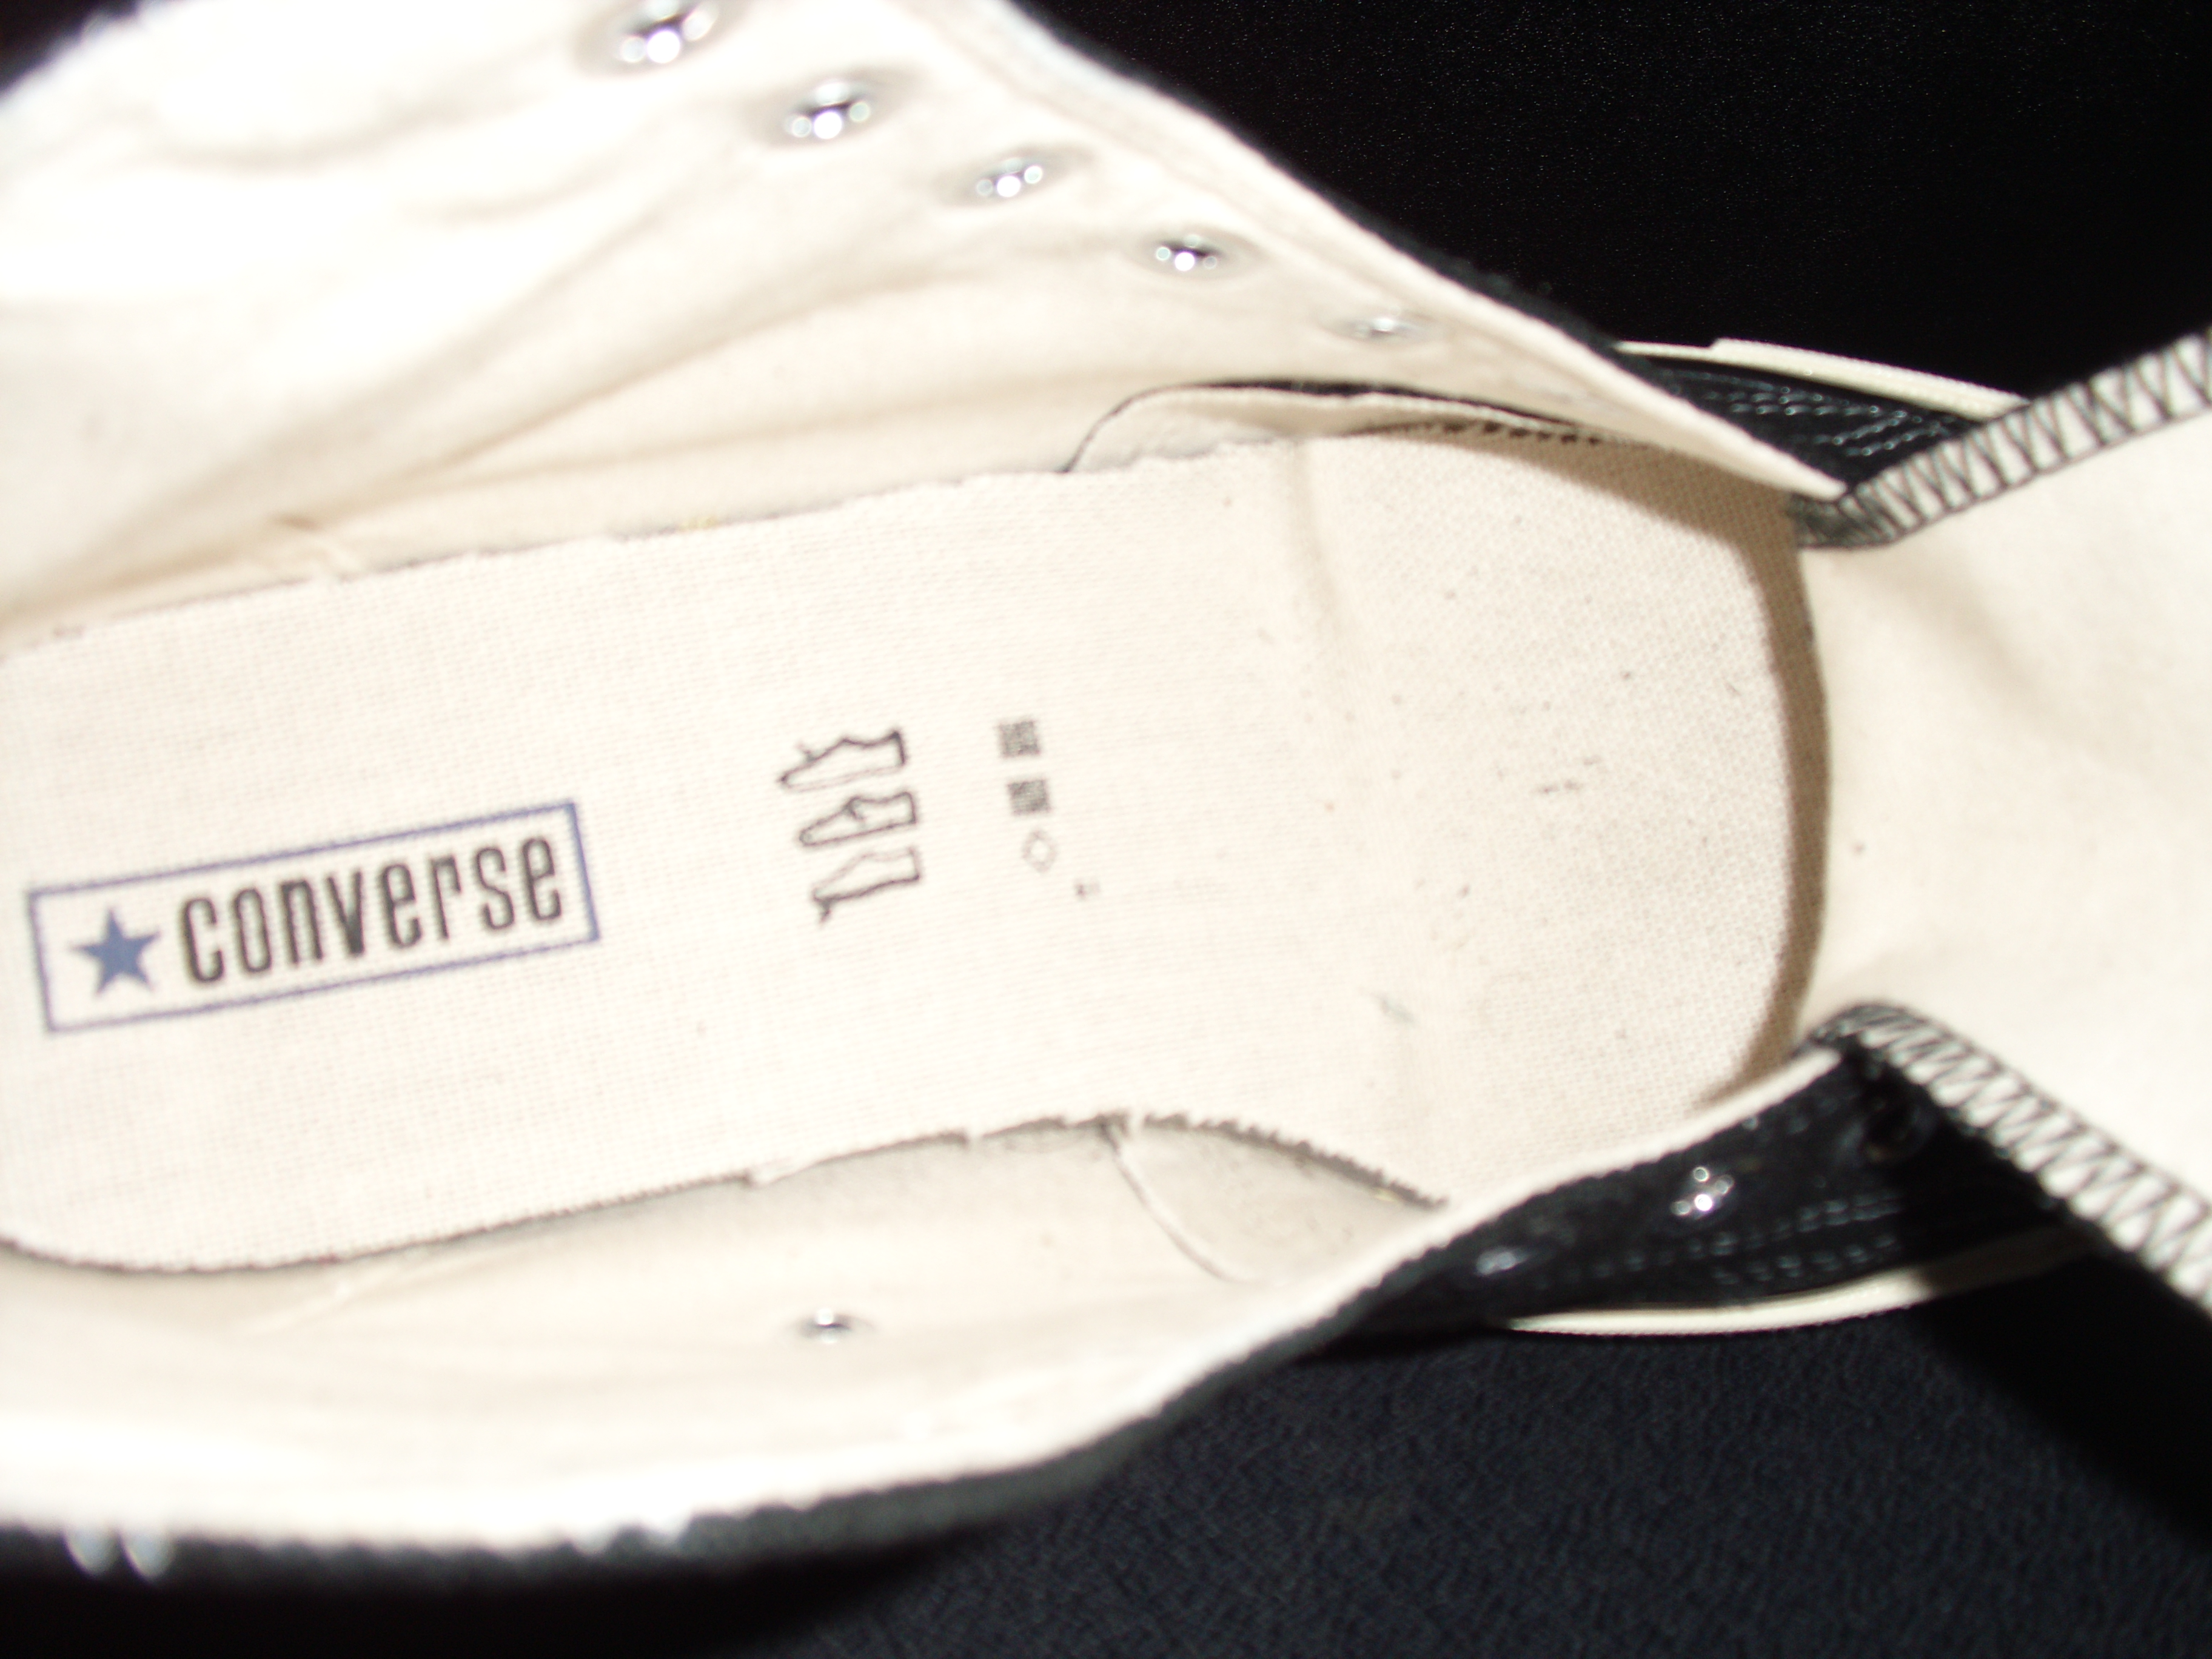 ad2502f1c93f3e Converse Chuck Taylor Hi 1970s reproduction – New vs Retro vs Old ...